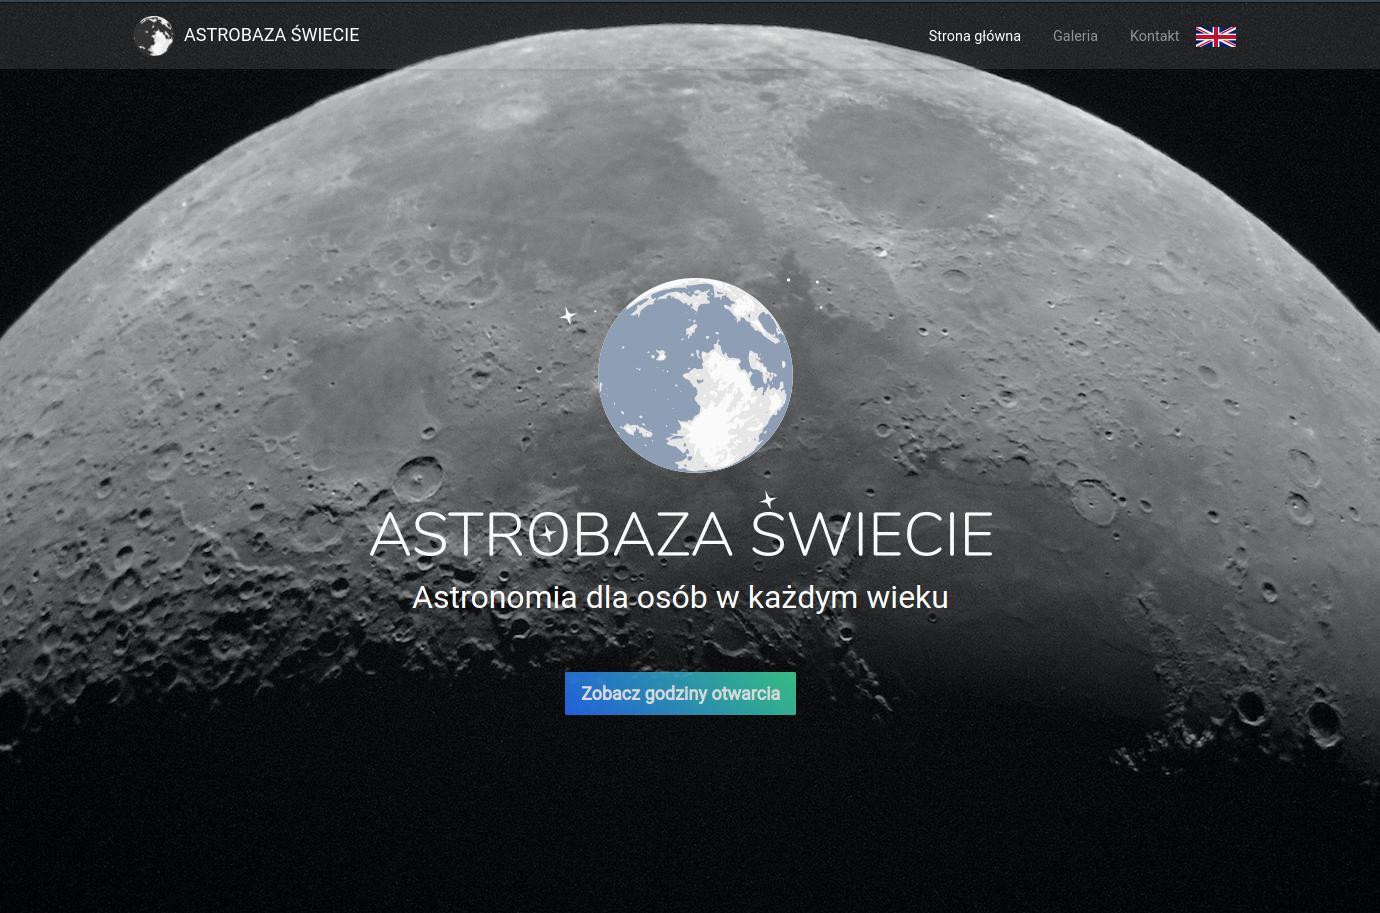 Astrobase Świecie